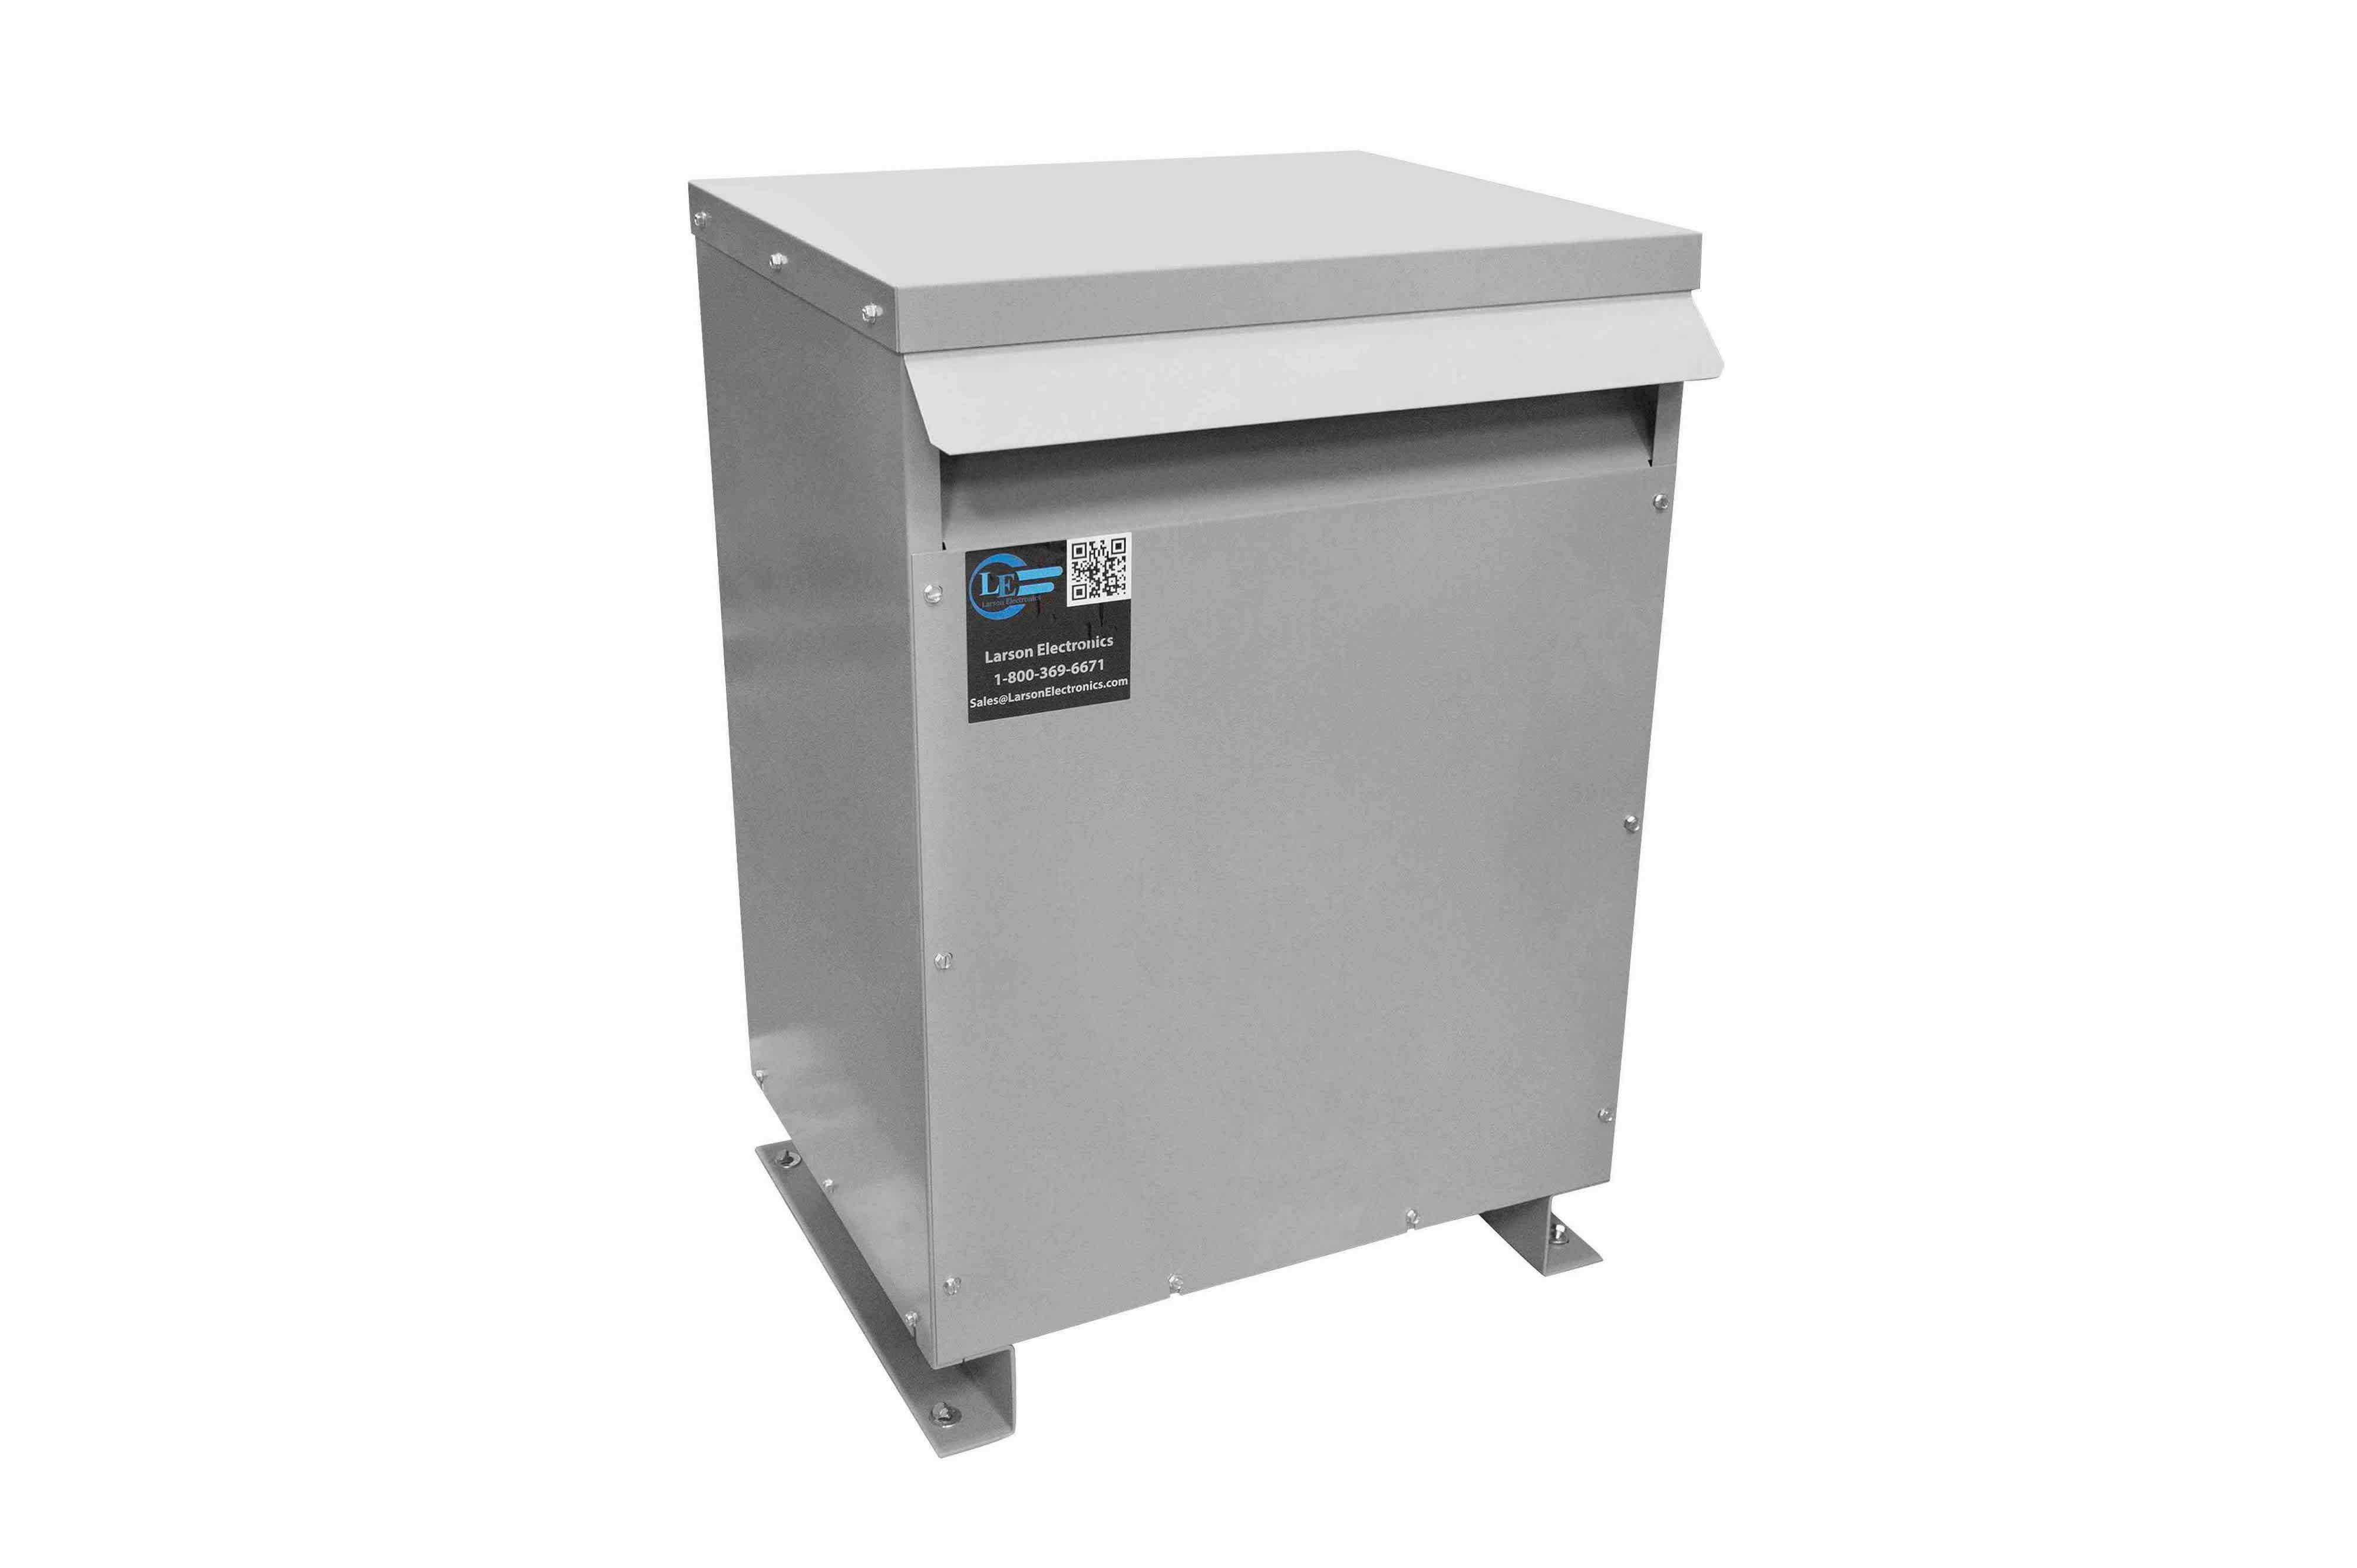 32.5 kVA 3PH Isolation Transformer, 480V Delta Primary, 240 Delta Secondary, N3R, Ventilated, 60 Hz